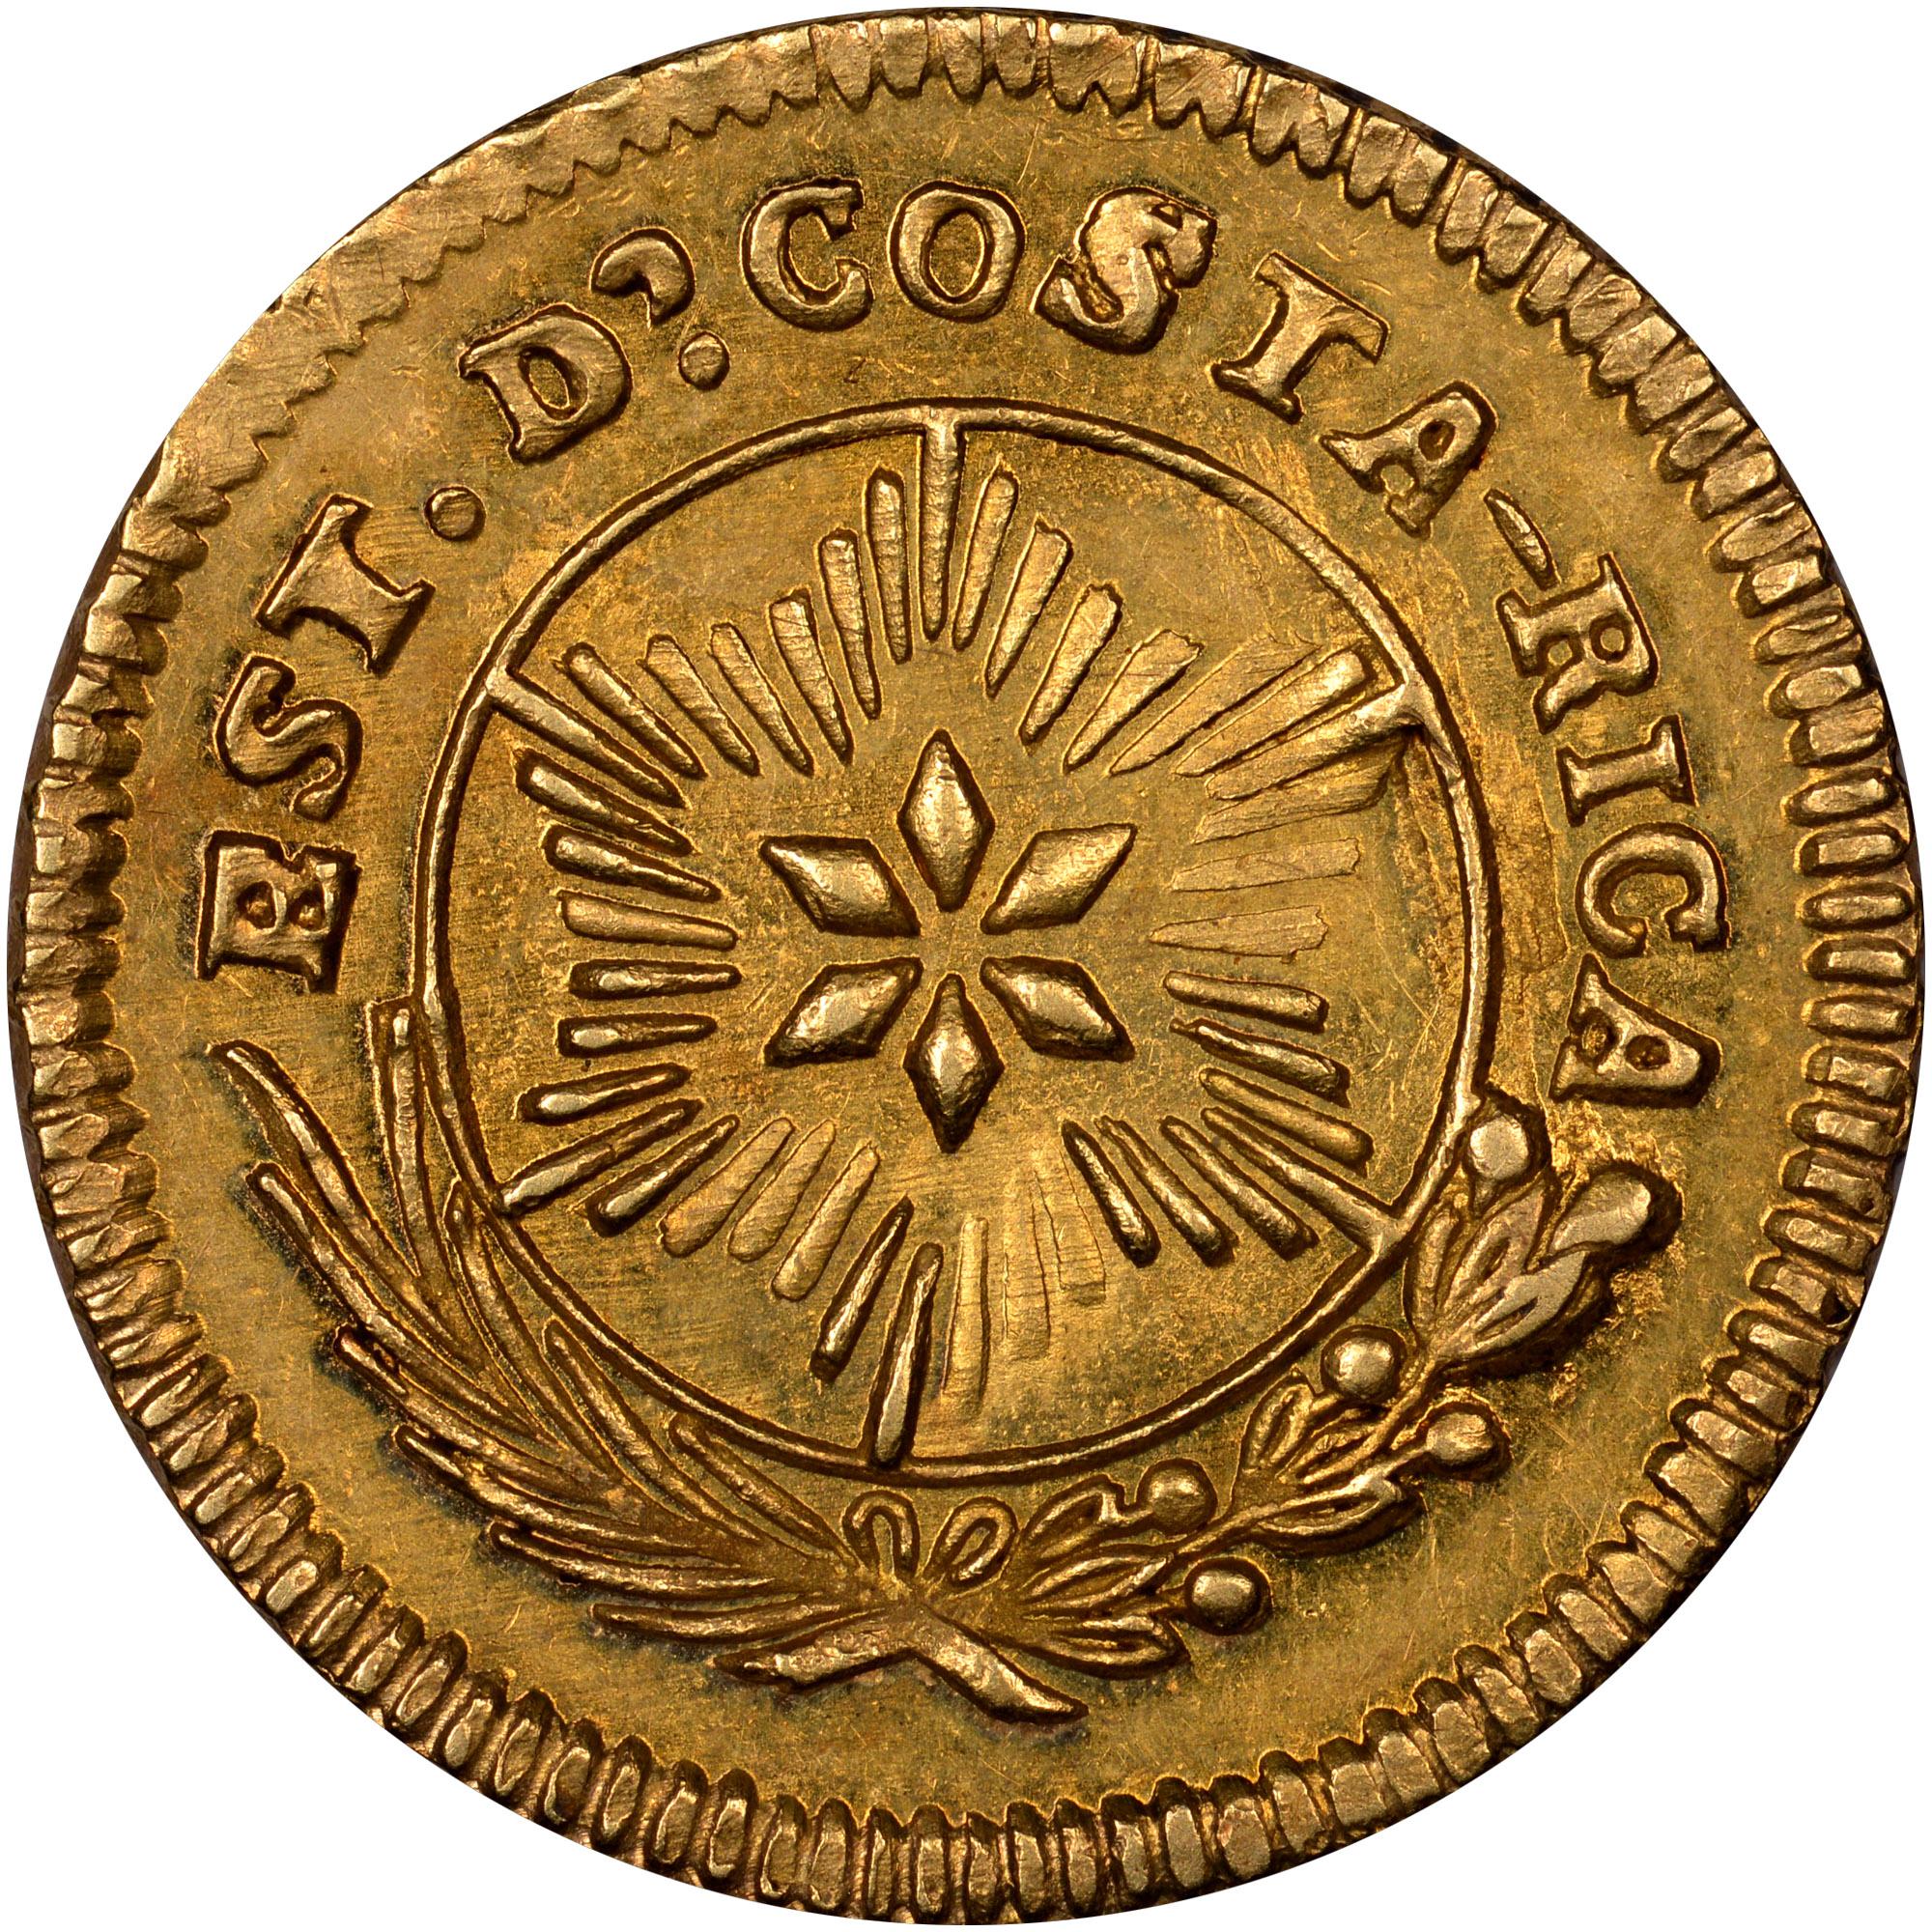 1842 Costa Rica Escudo obverse